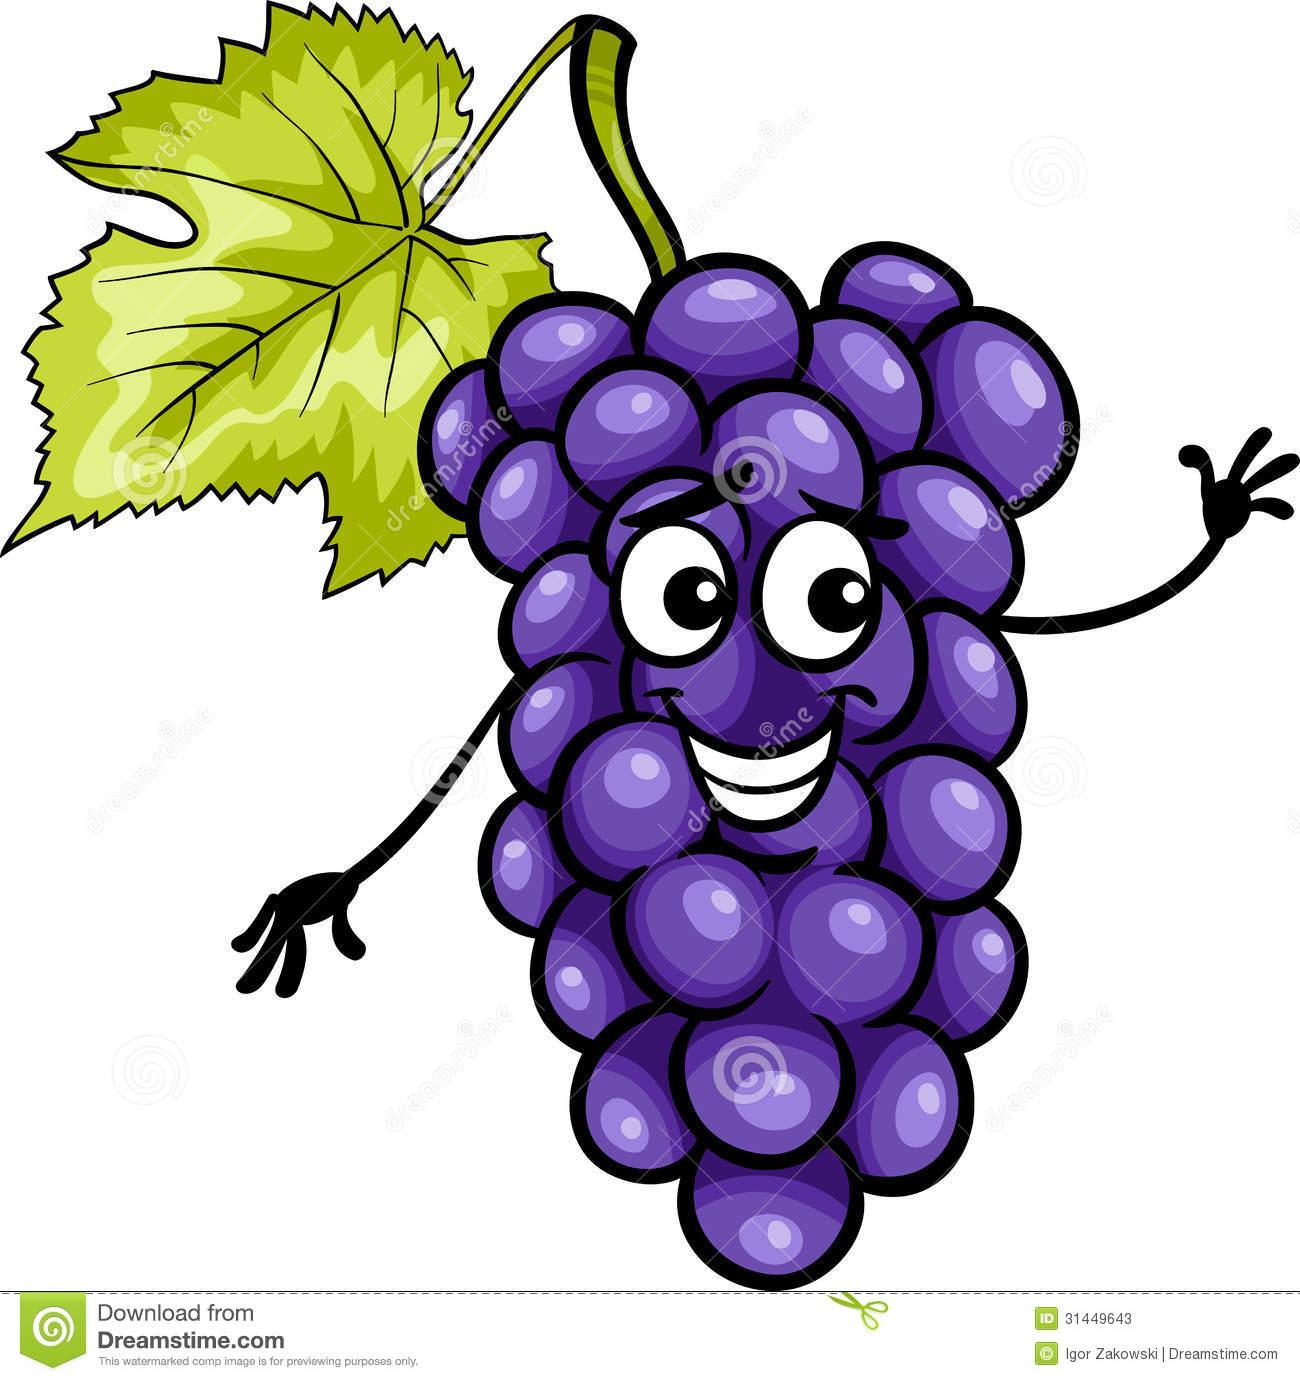 Cartoon grapes clipart.